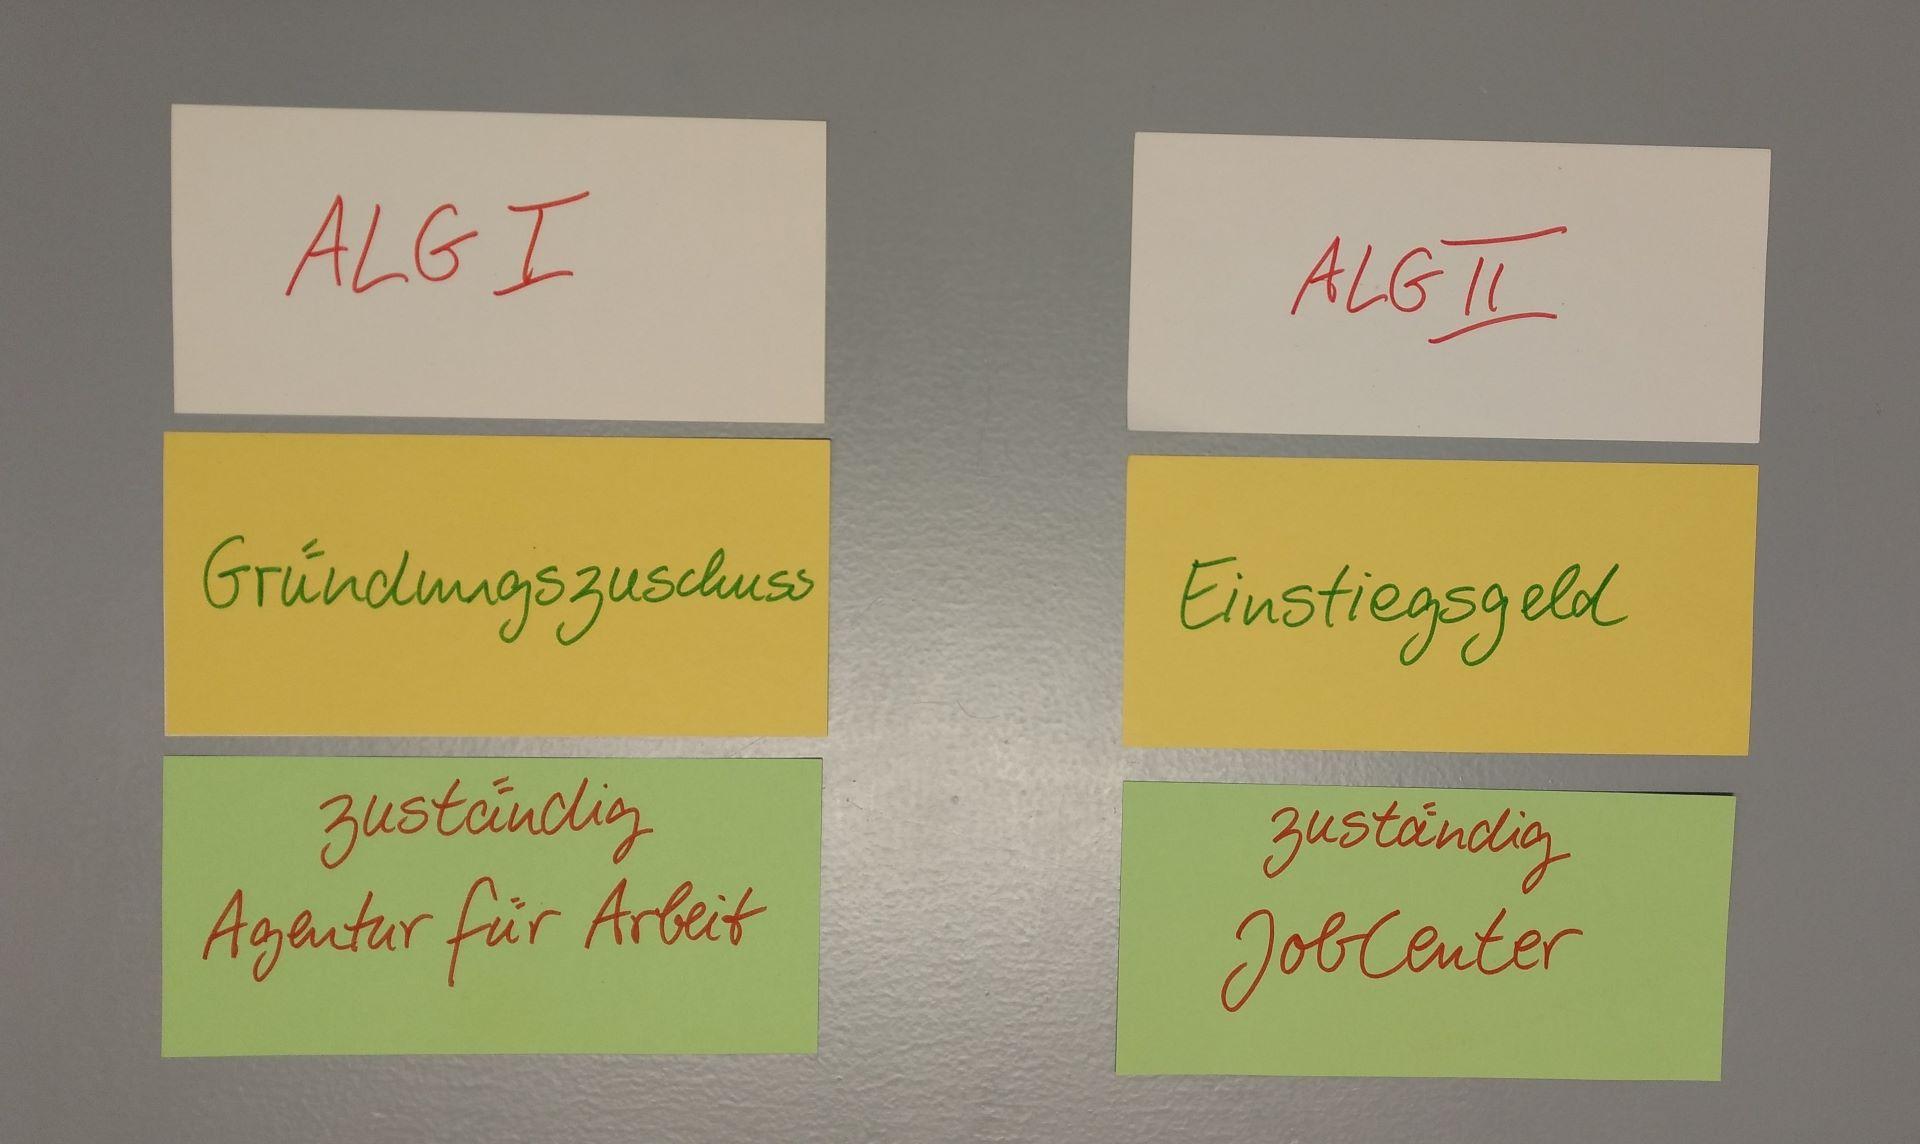 Moderationskarten in zwei Spalten: 1. Spalte ALG I, Gründungszuschuss, zuständig Agentur für Arbeit. 2. Spalte ALG II, Einstiegsgeld, zuständig JobCenter